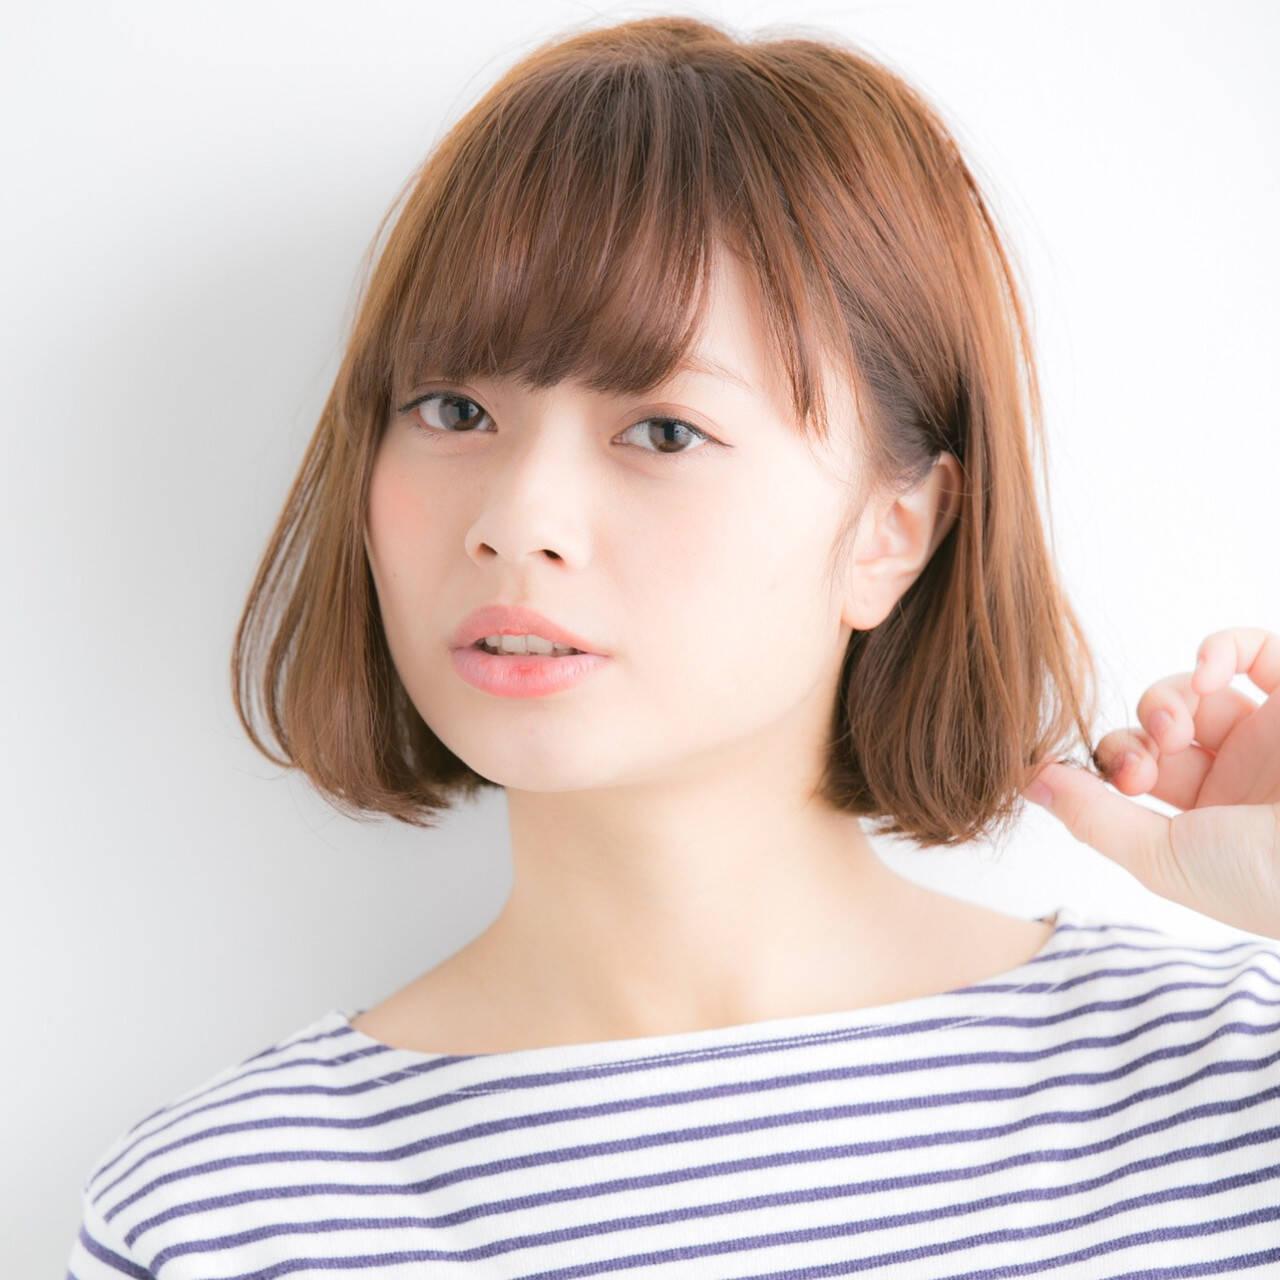 ナチュラル 小顔ヘア ミニボブ 切りっぱなしボブヘアスタイルや髪型の写真・画像